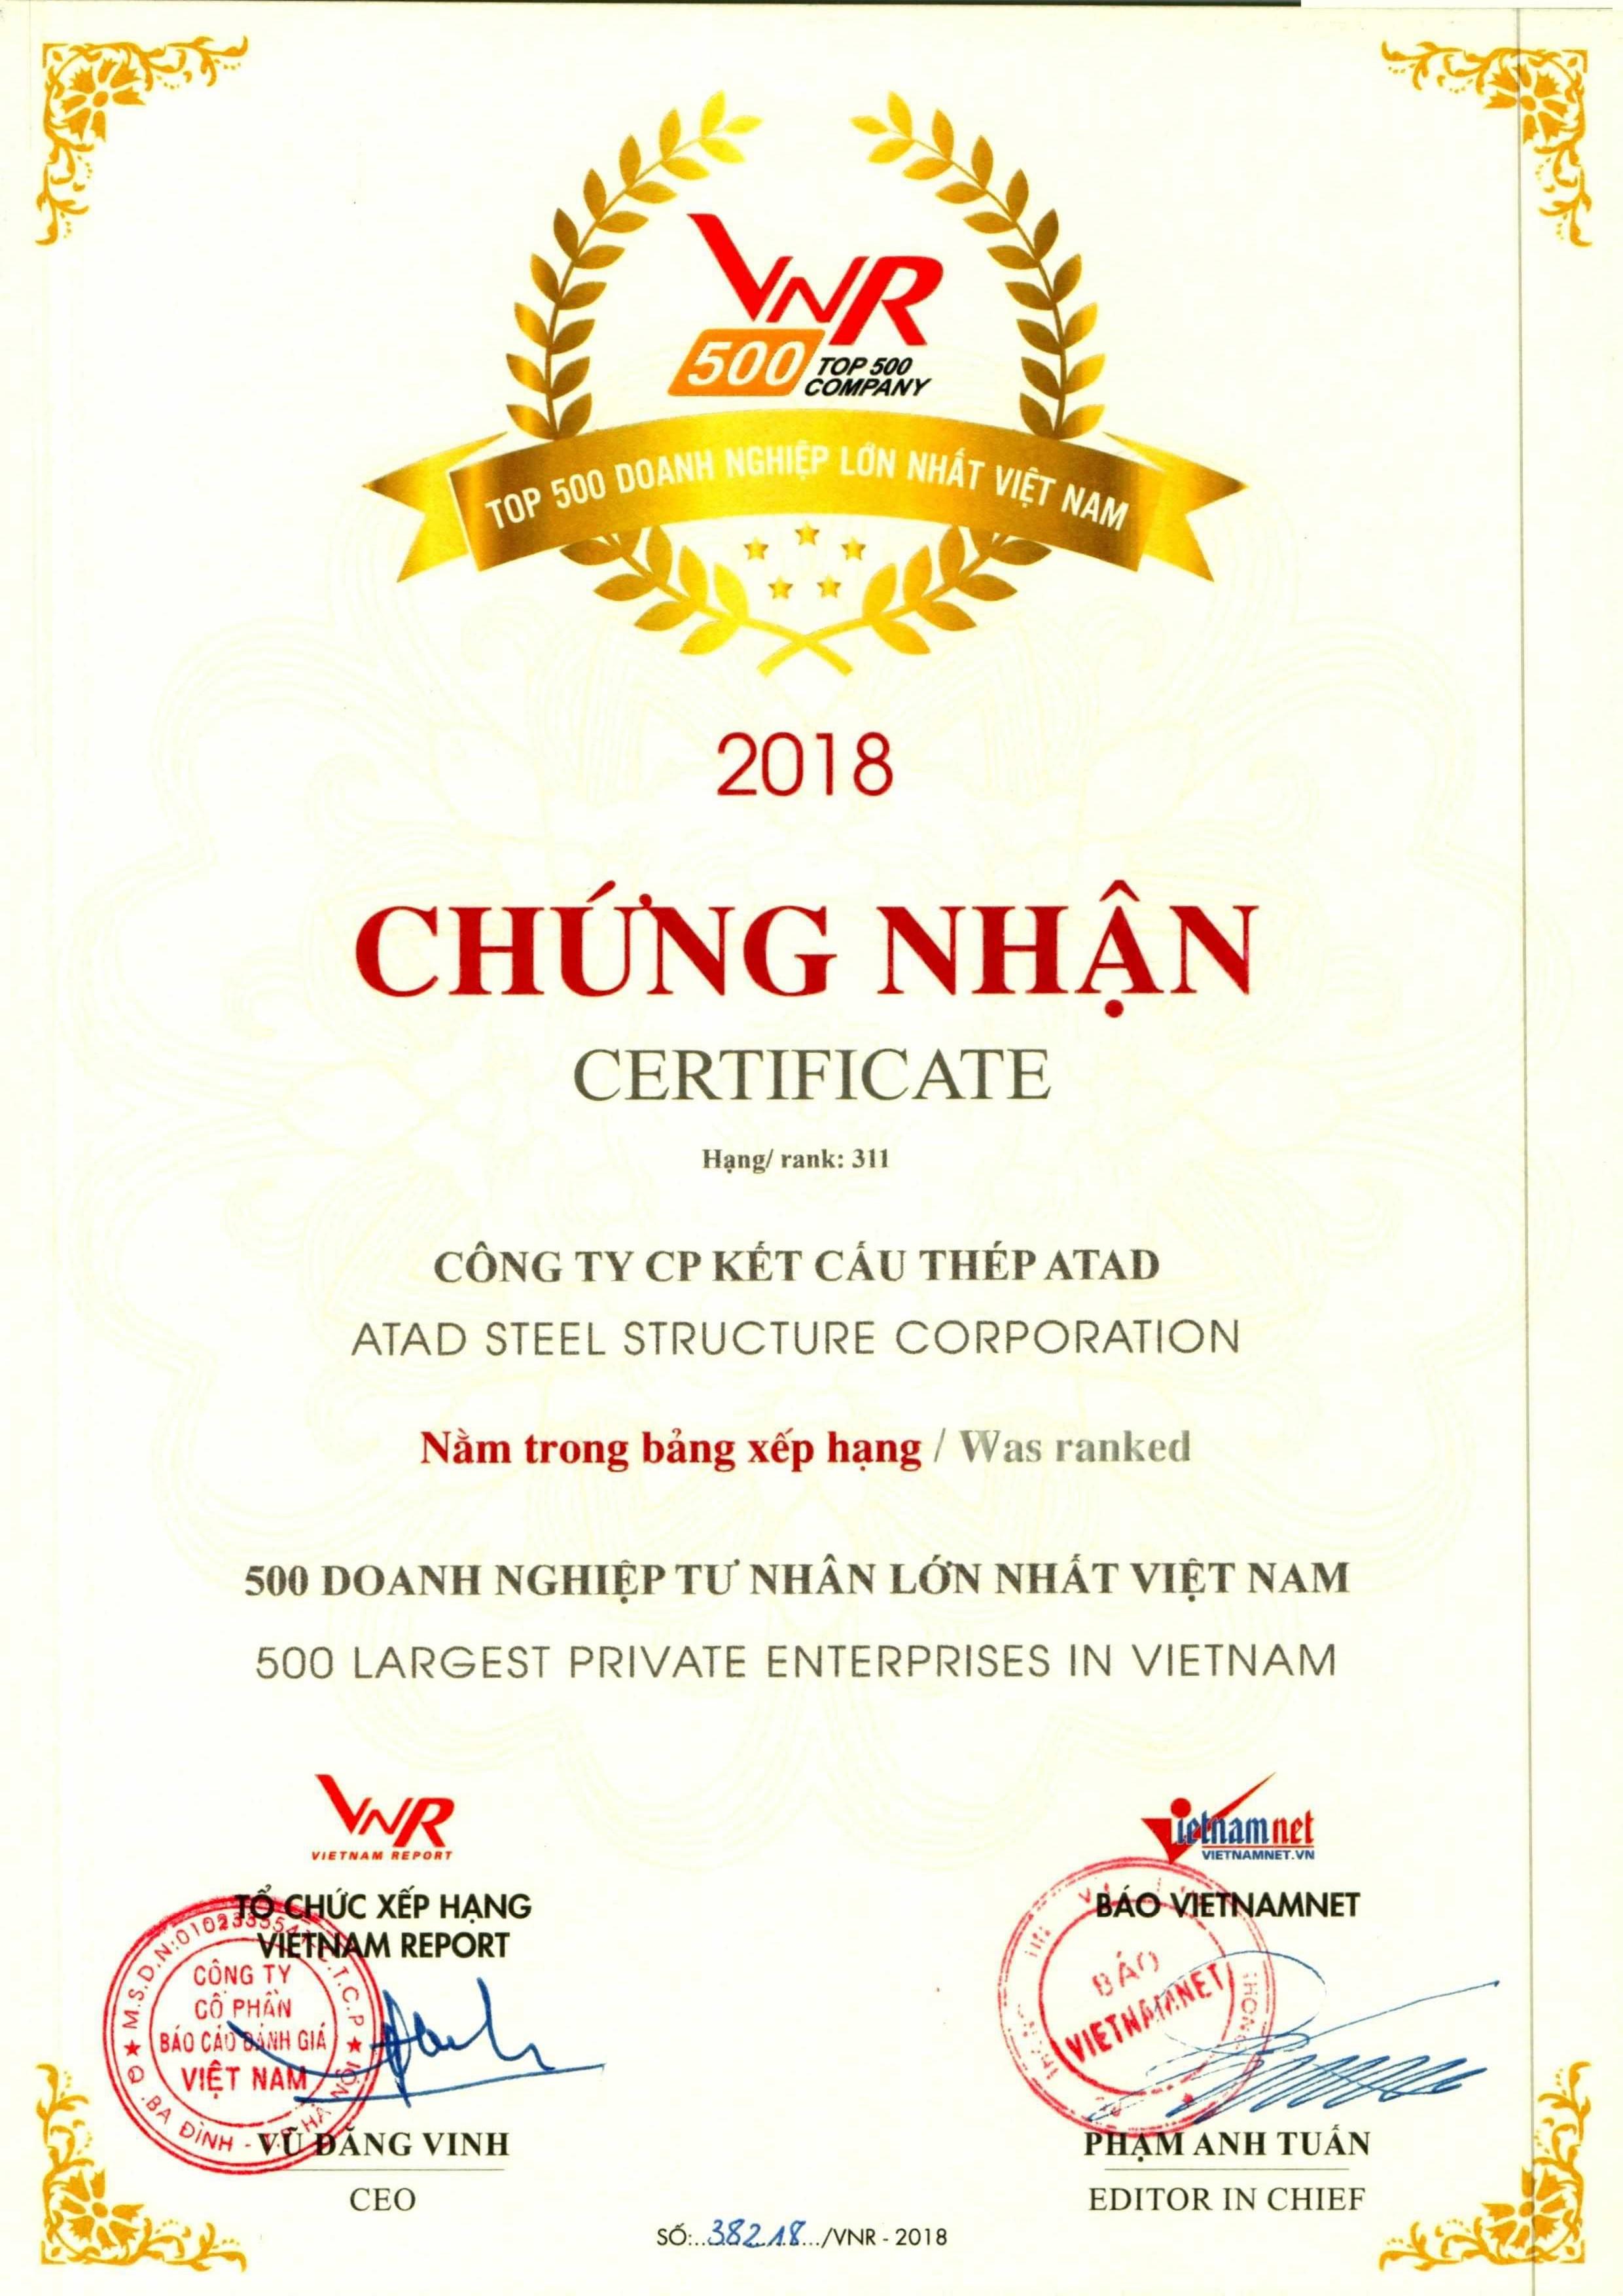 500 LARGEST PRIVATE ENTERPRISES IN VIETNAM